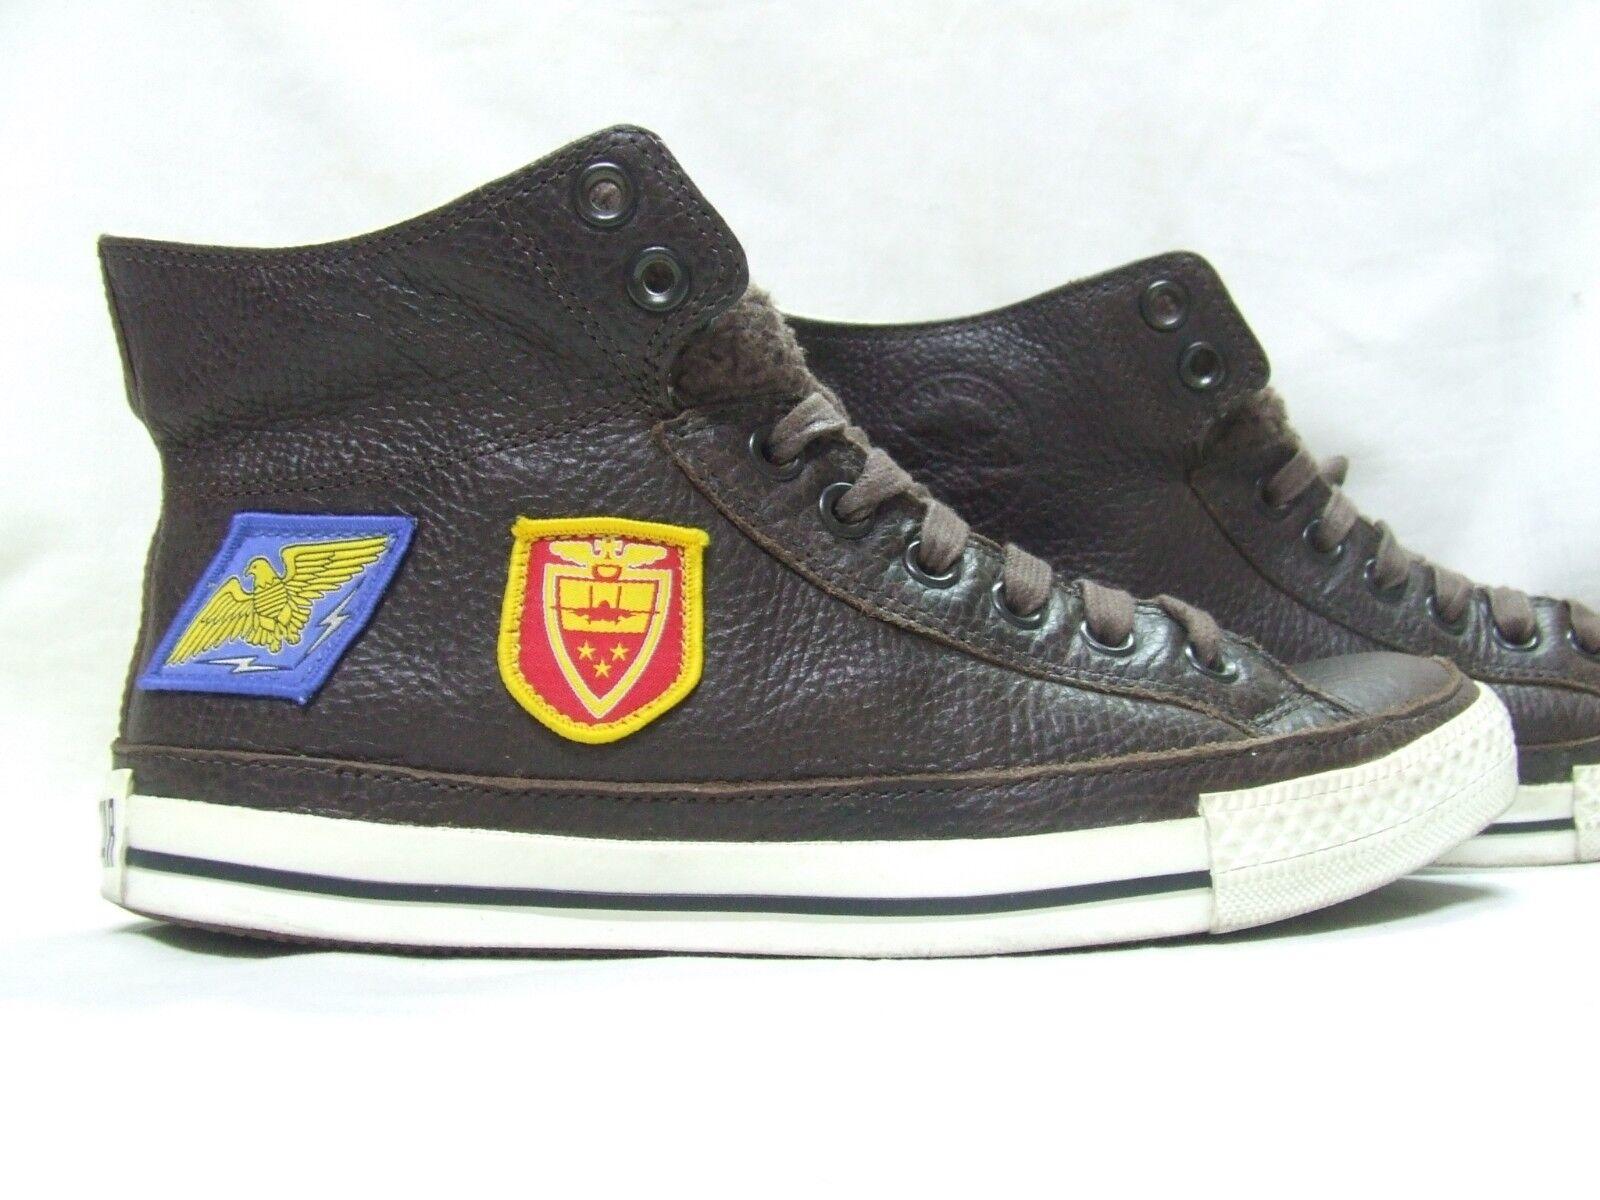 Schuhe Mann Star Frau vintage converse All Star Mann SCHOTT Gr. 7,5 - 41 (059) 7e93ab